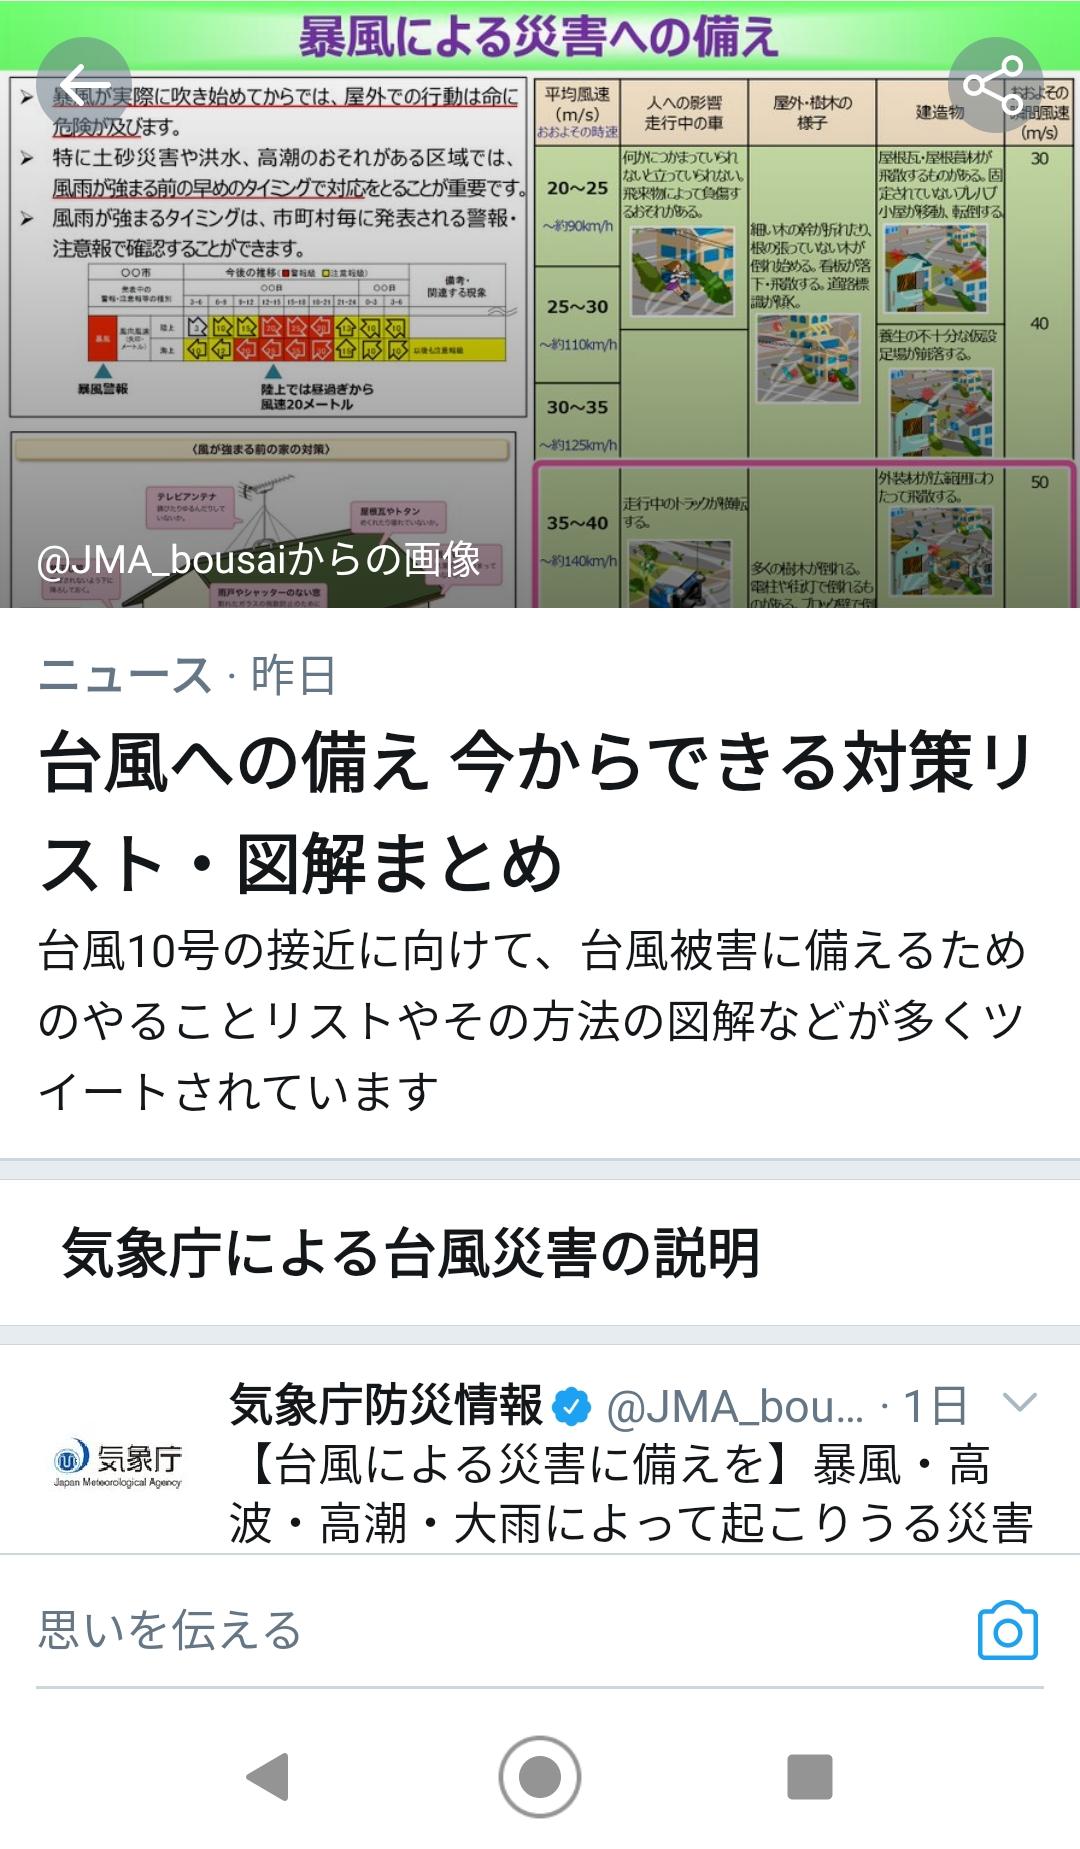 Twitter モーメント 情報 詳細 まとめ